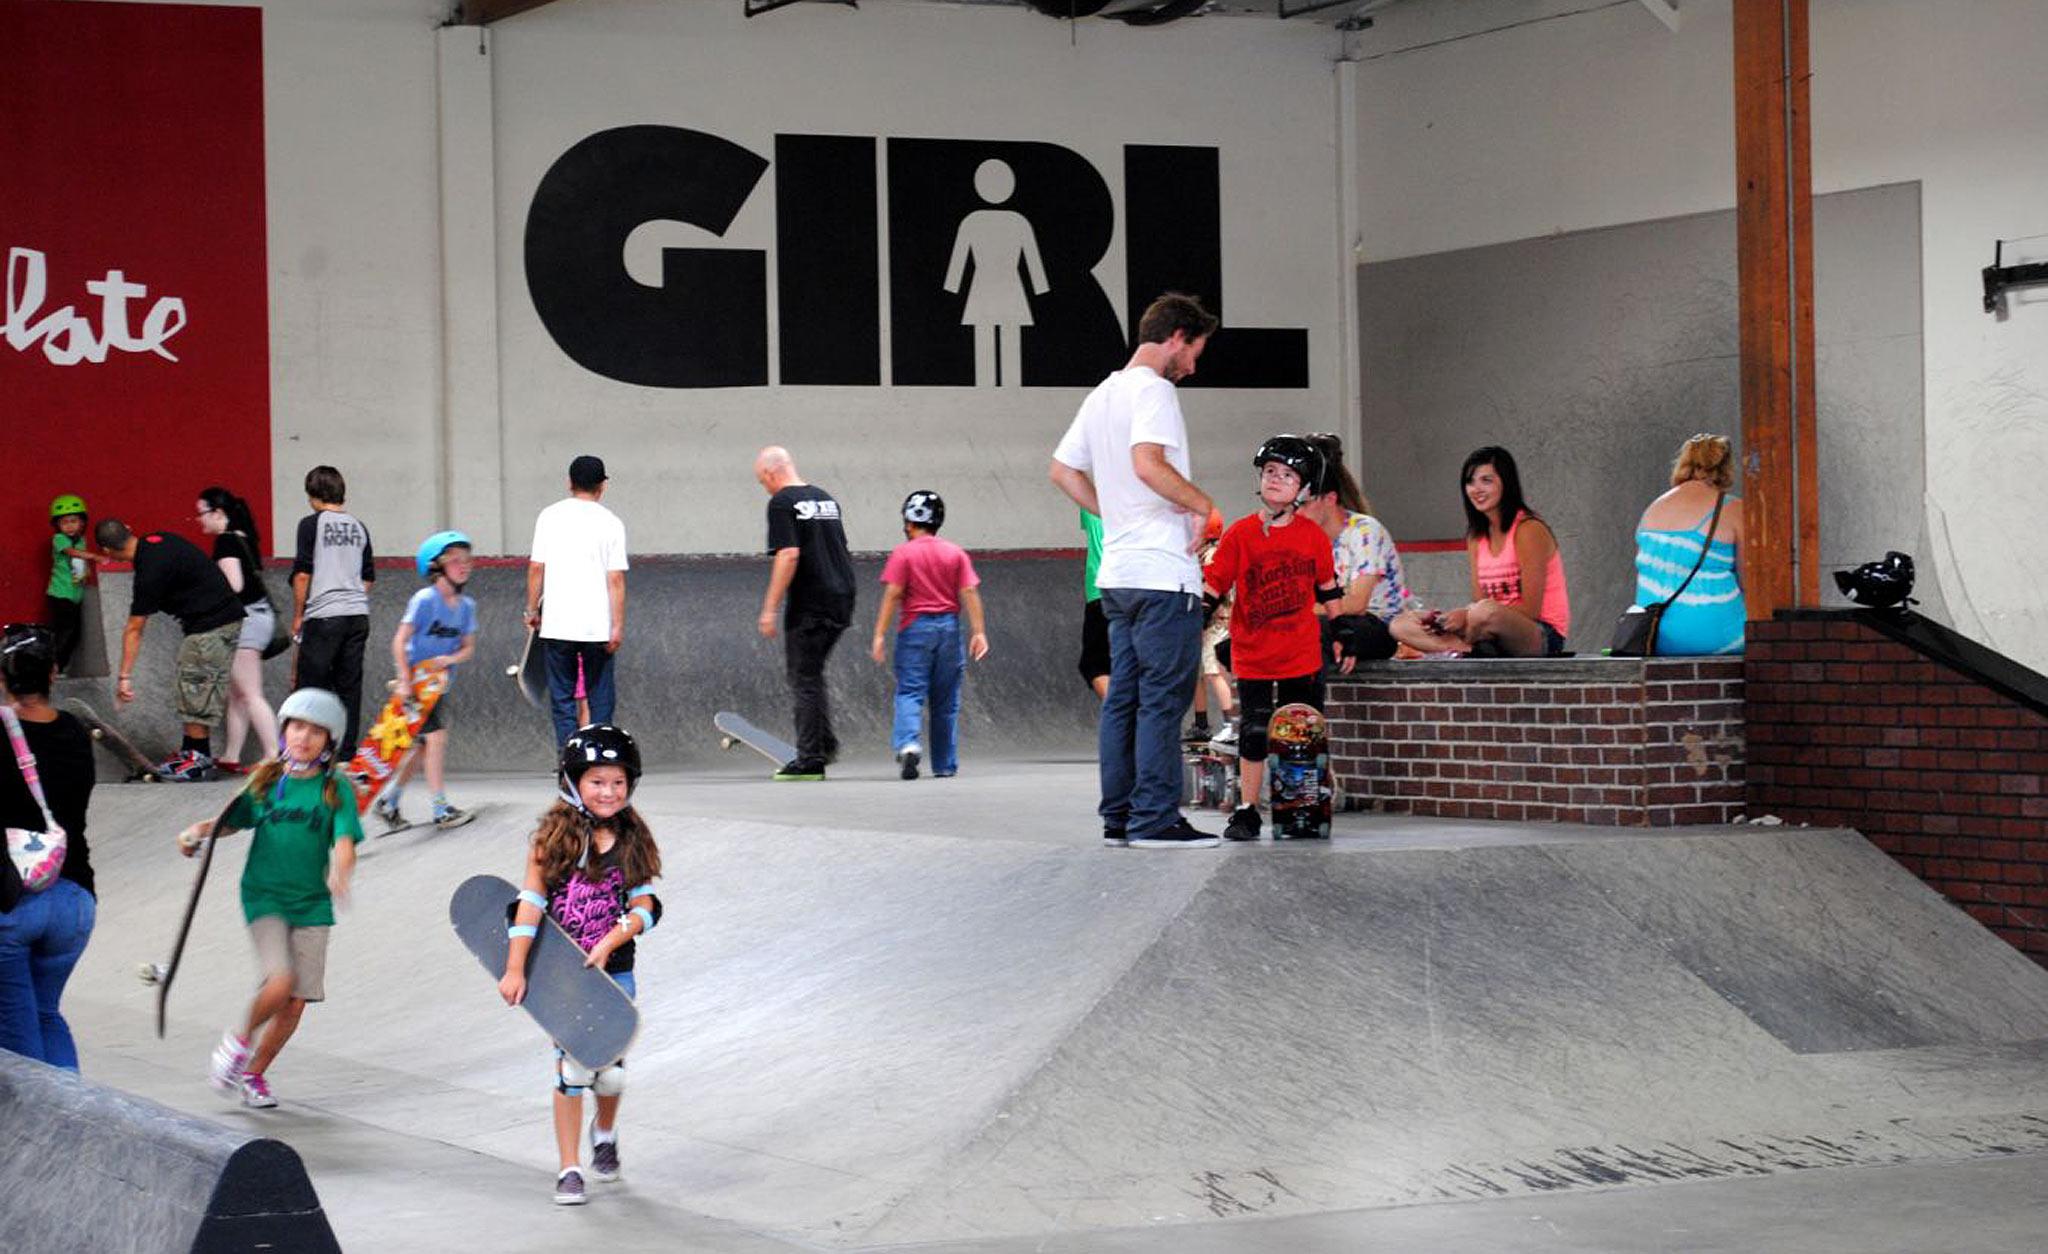 A.skate at Girl